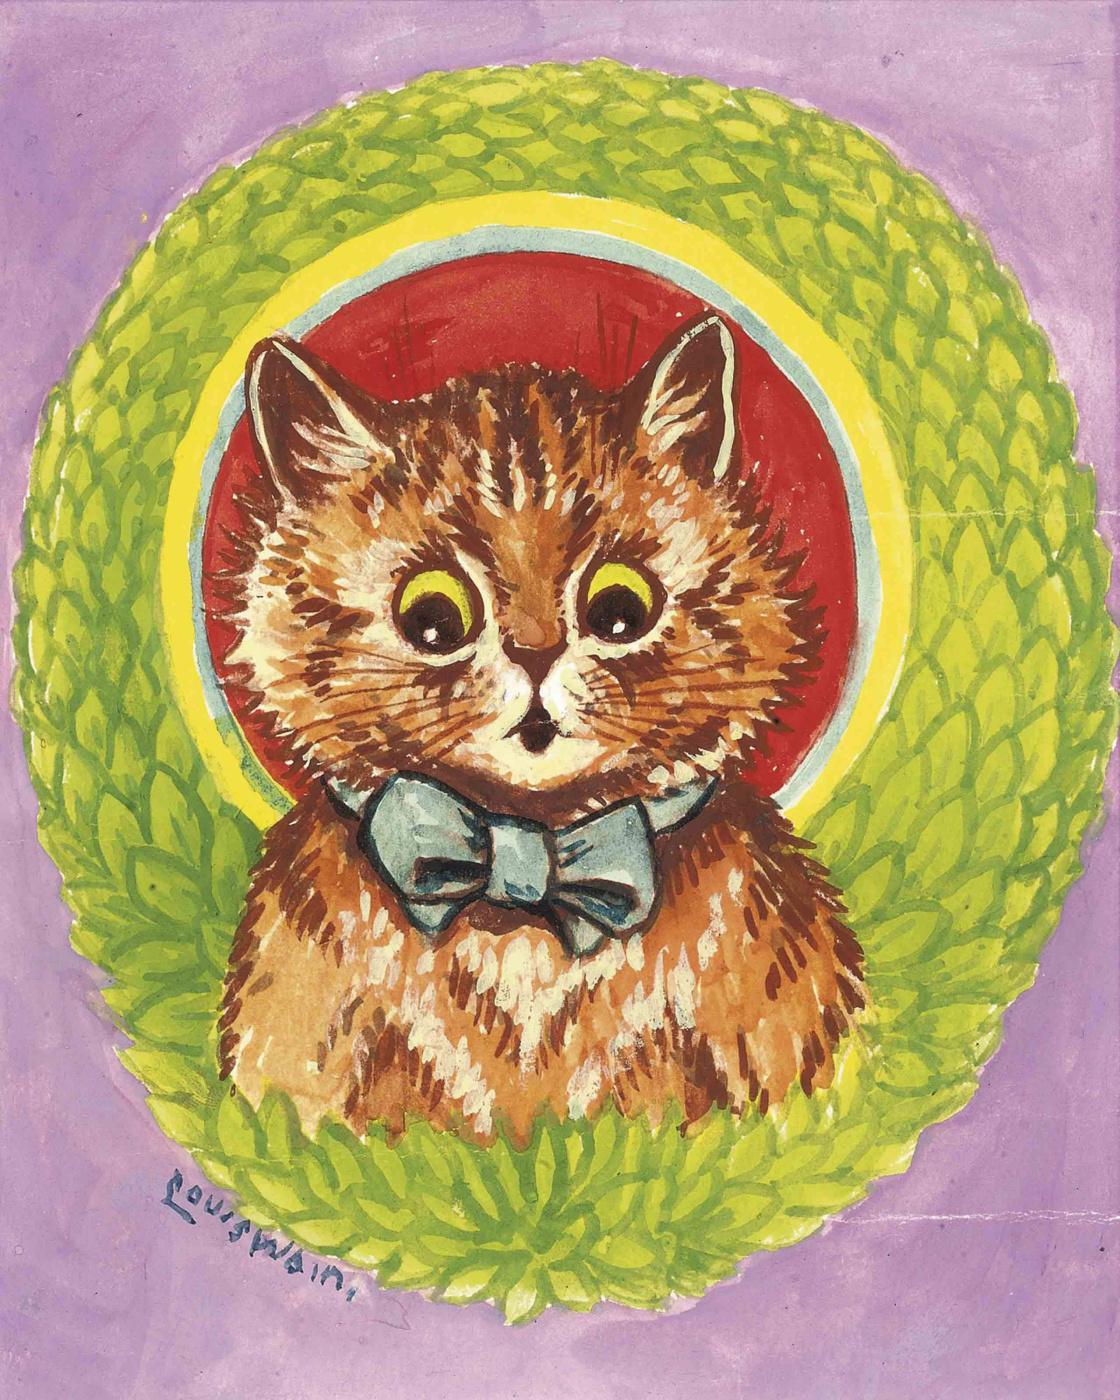 Louis Wain. Psychedelic kitten